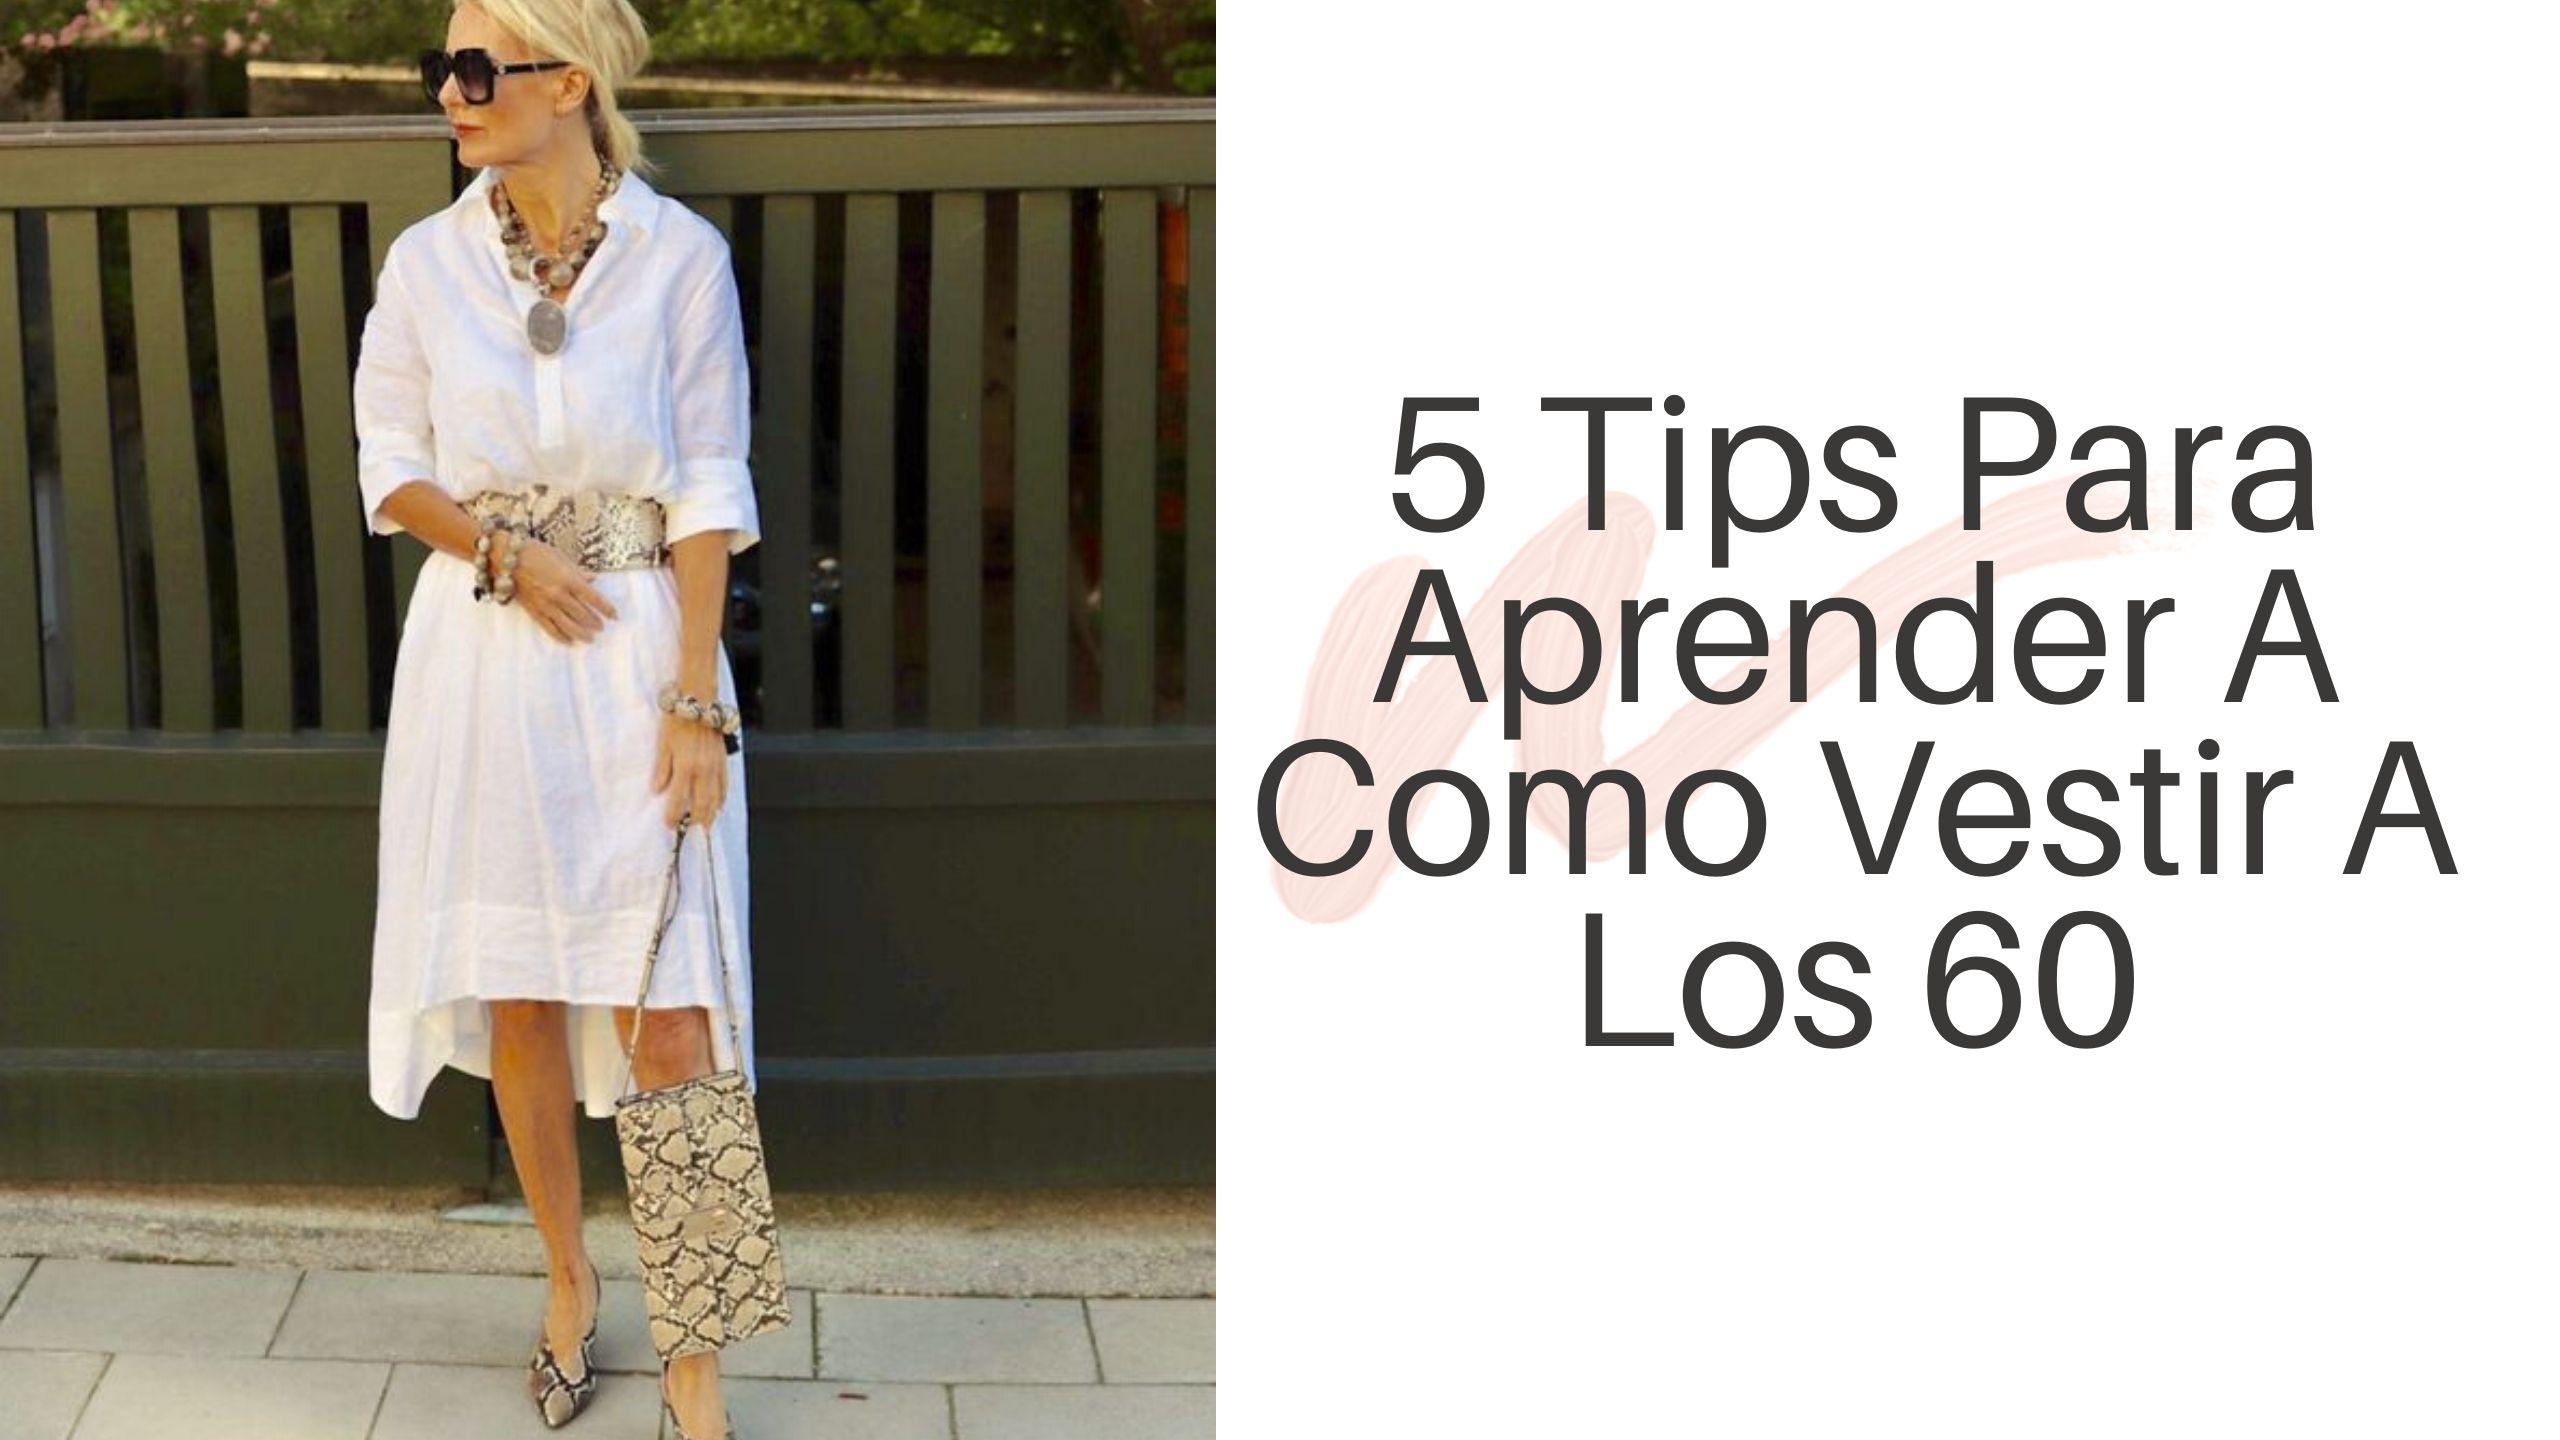 5 Tips Para Como Aprender A Vestir A Los 60